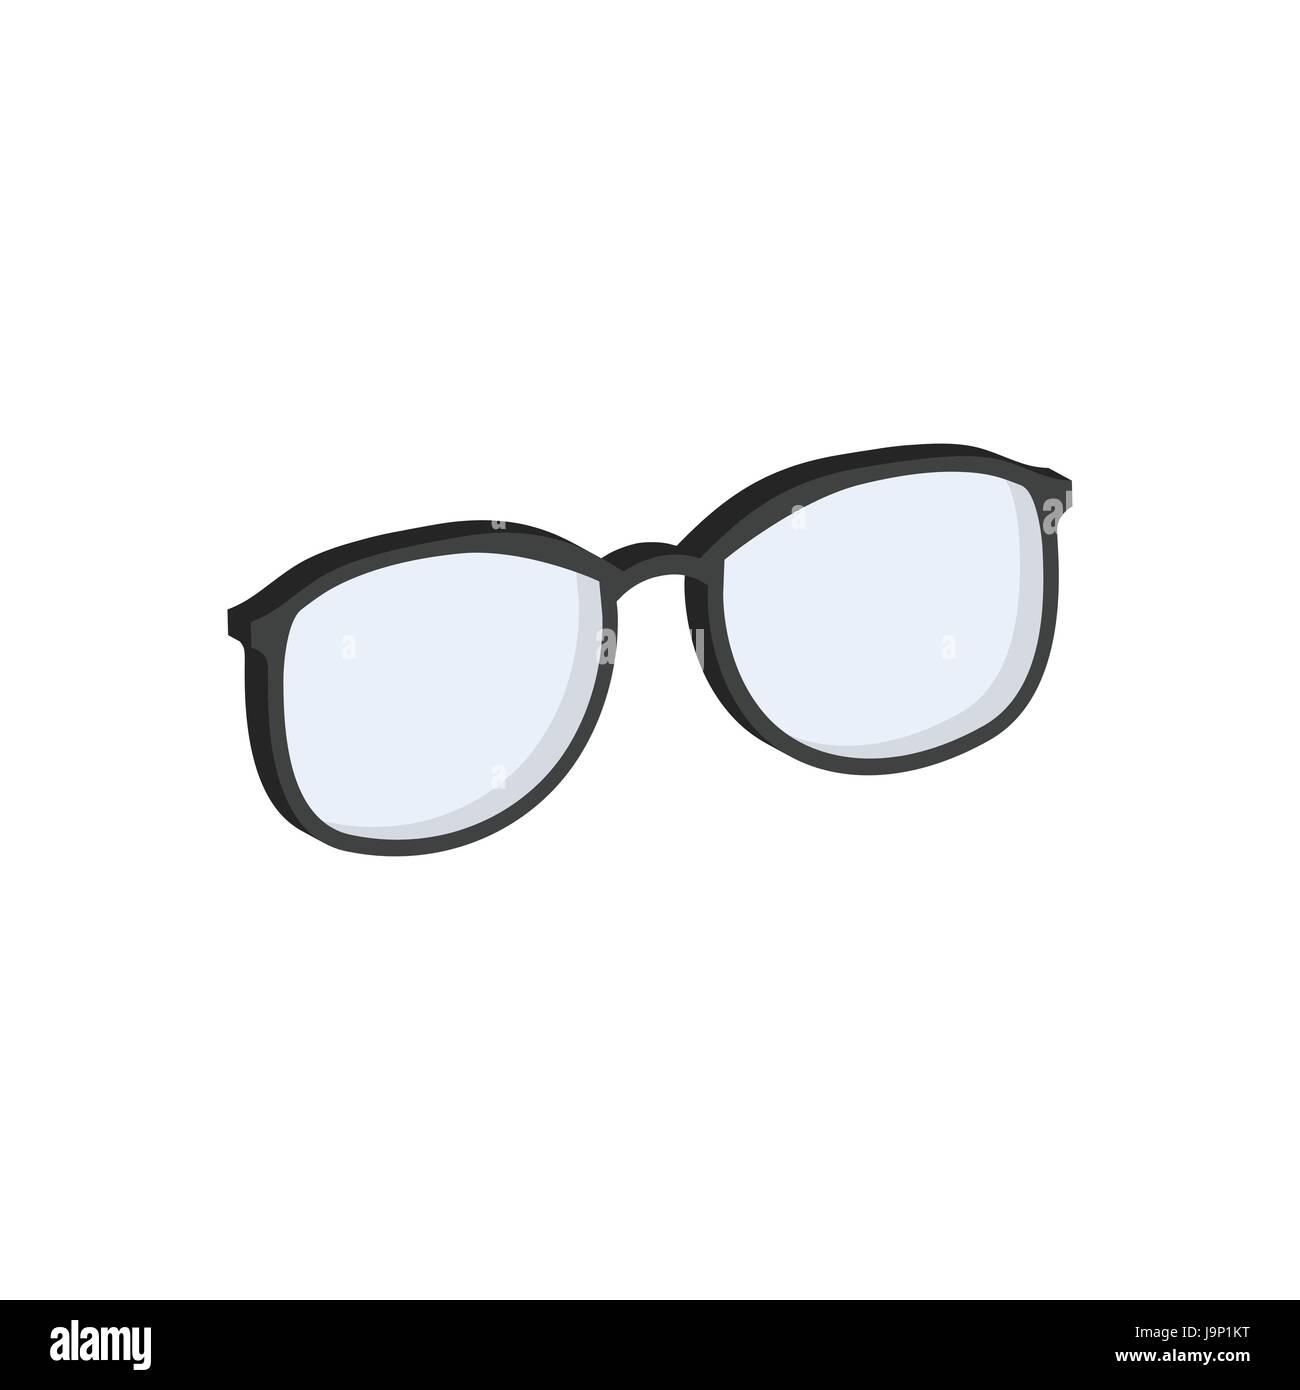 Glasses Eyeglasses Symbol Flat Isometric Icon Or Logo 3d Style